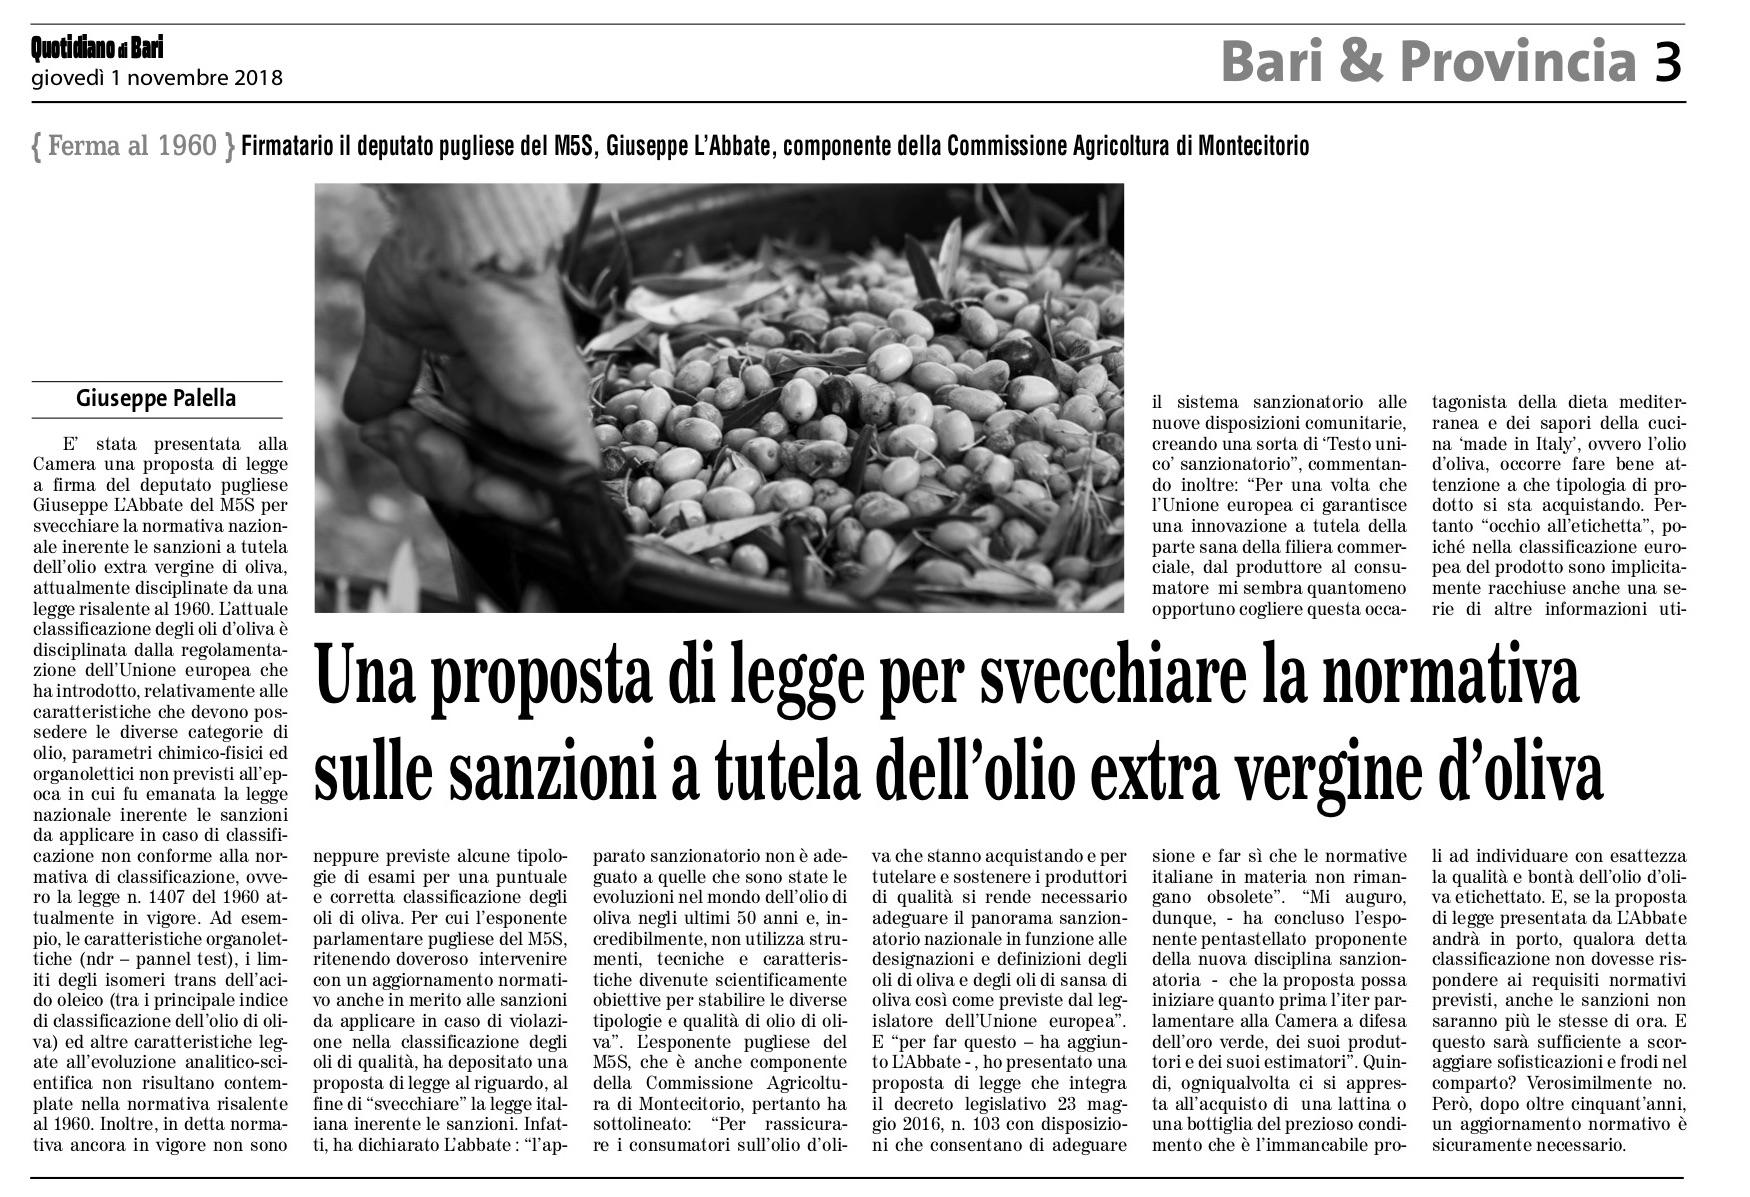 Il Quotidiano di Bari - 01.11.2018